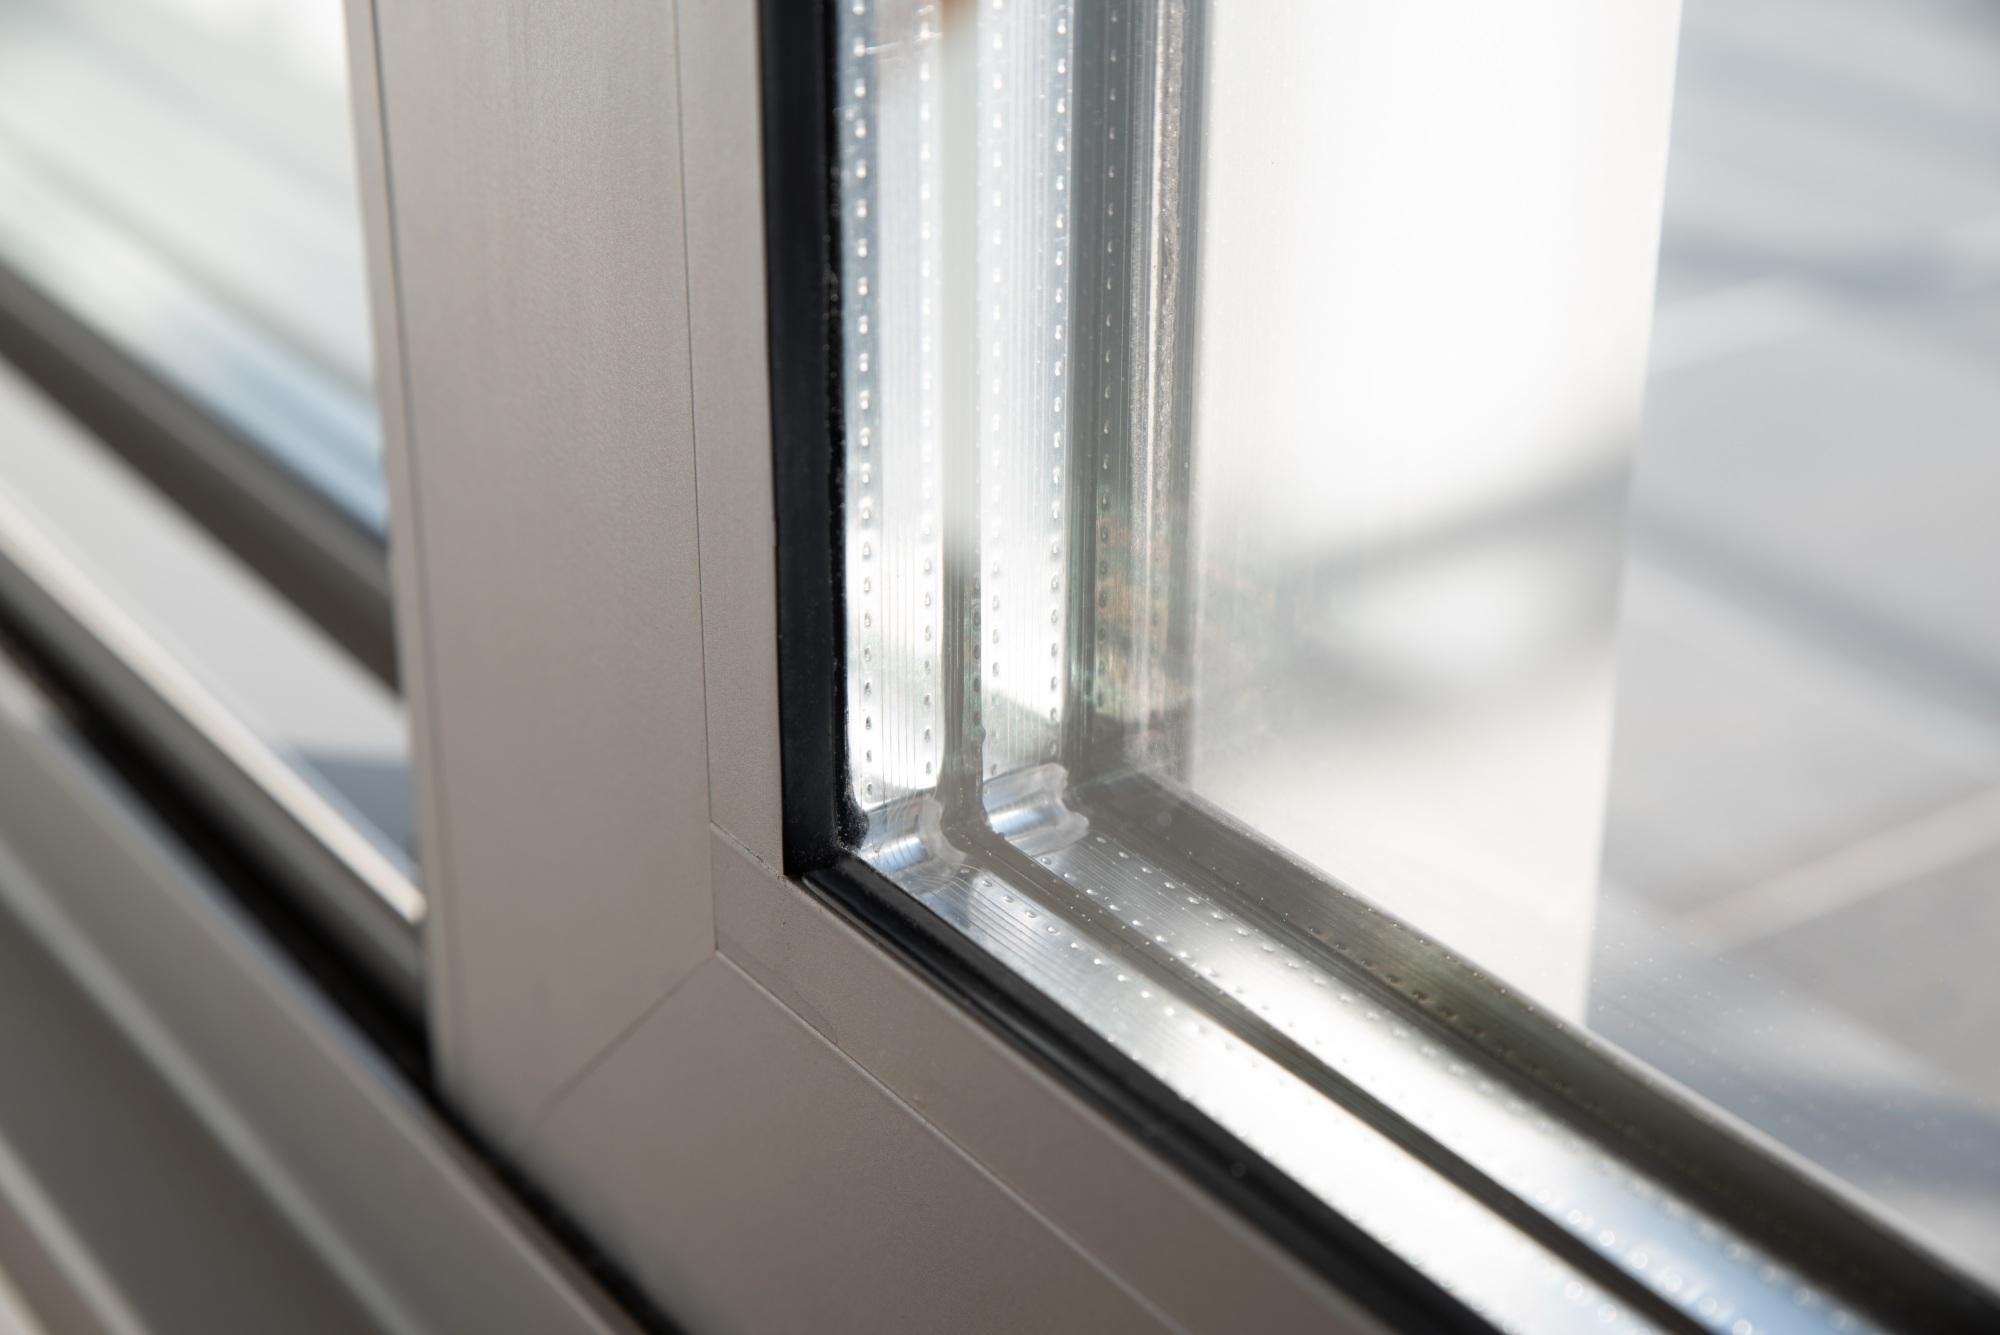 Full Size of Fenster Erneuern Kosten Altbau Austauschen Glas Im Ganzen Haus Bad Wohnzimmer Fensterfugen Erneuern